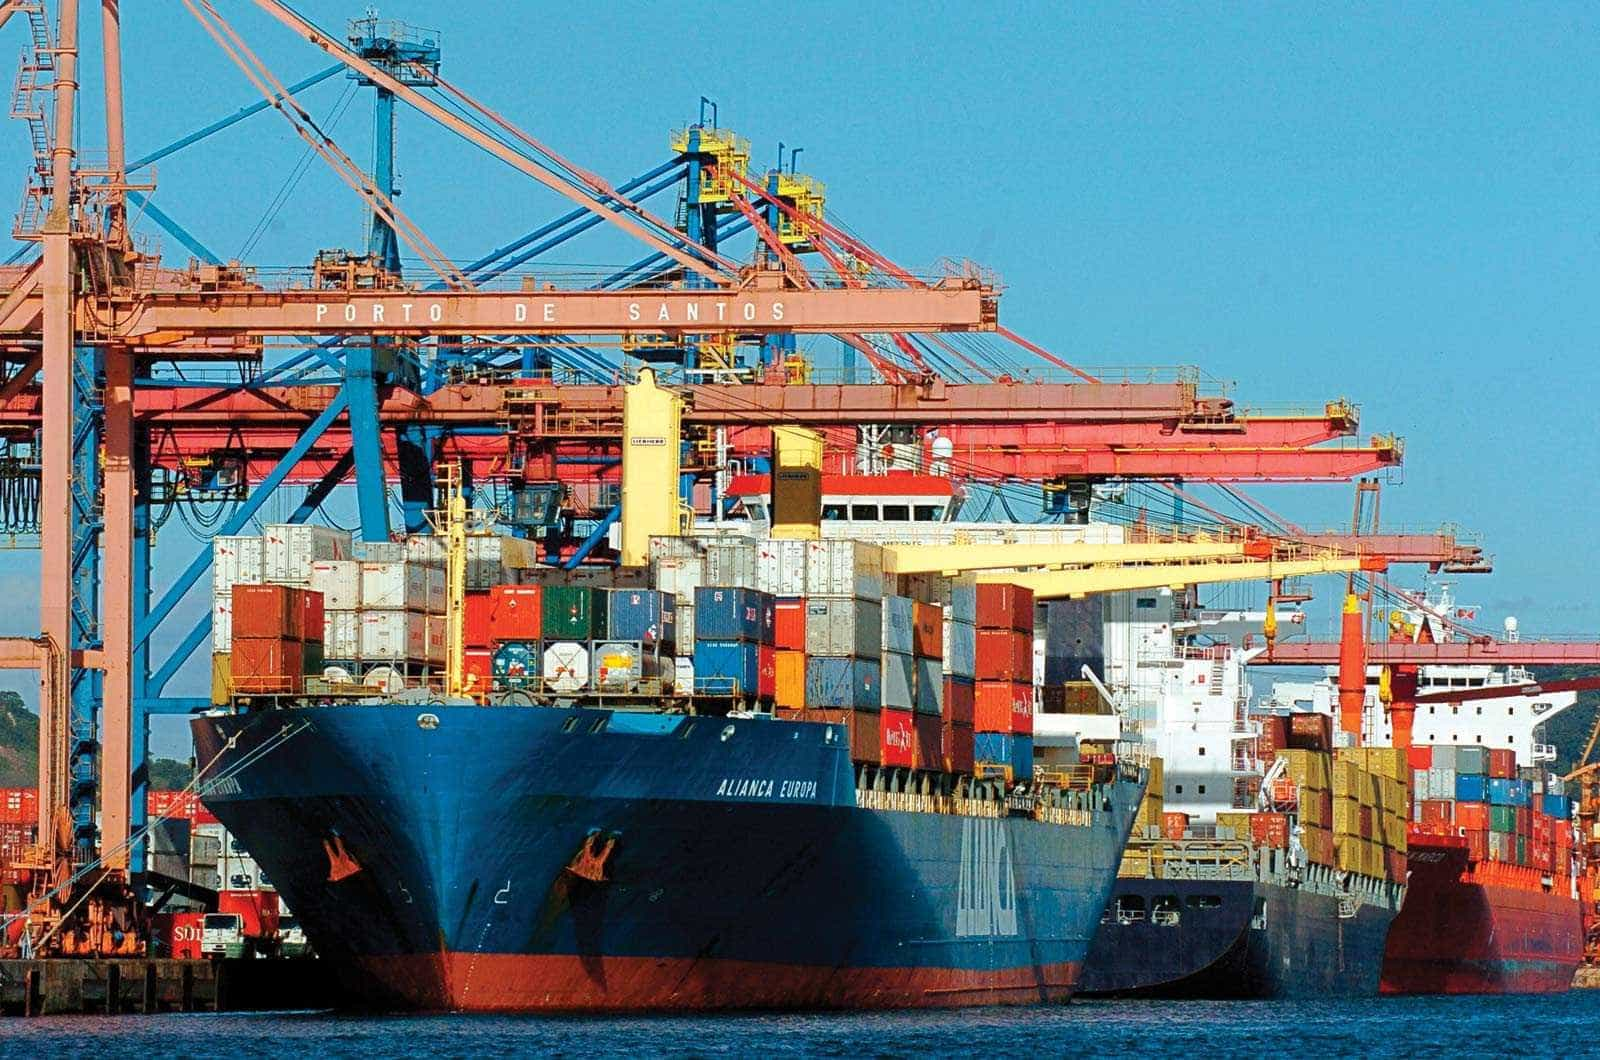 Receita pega 684 kg de cocaína em carga no porto de Santos